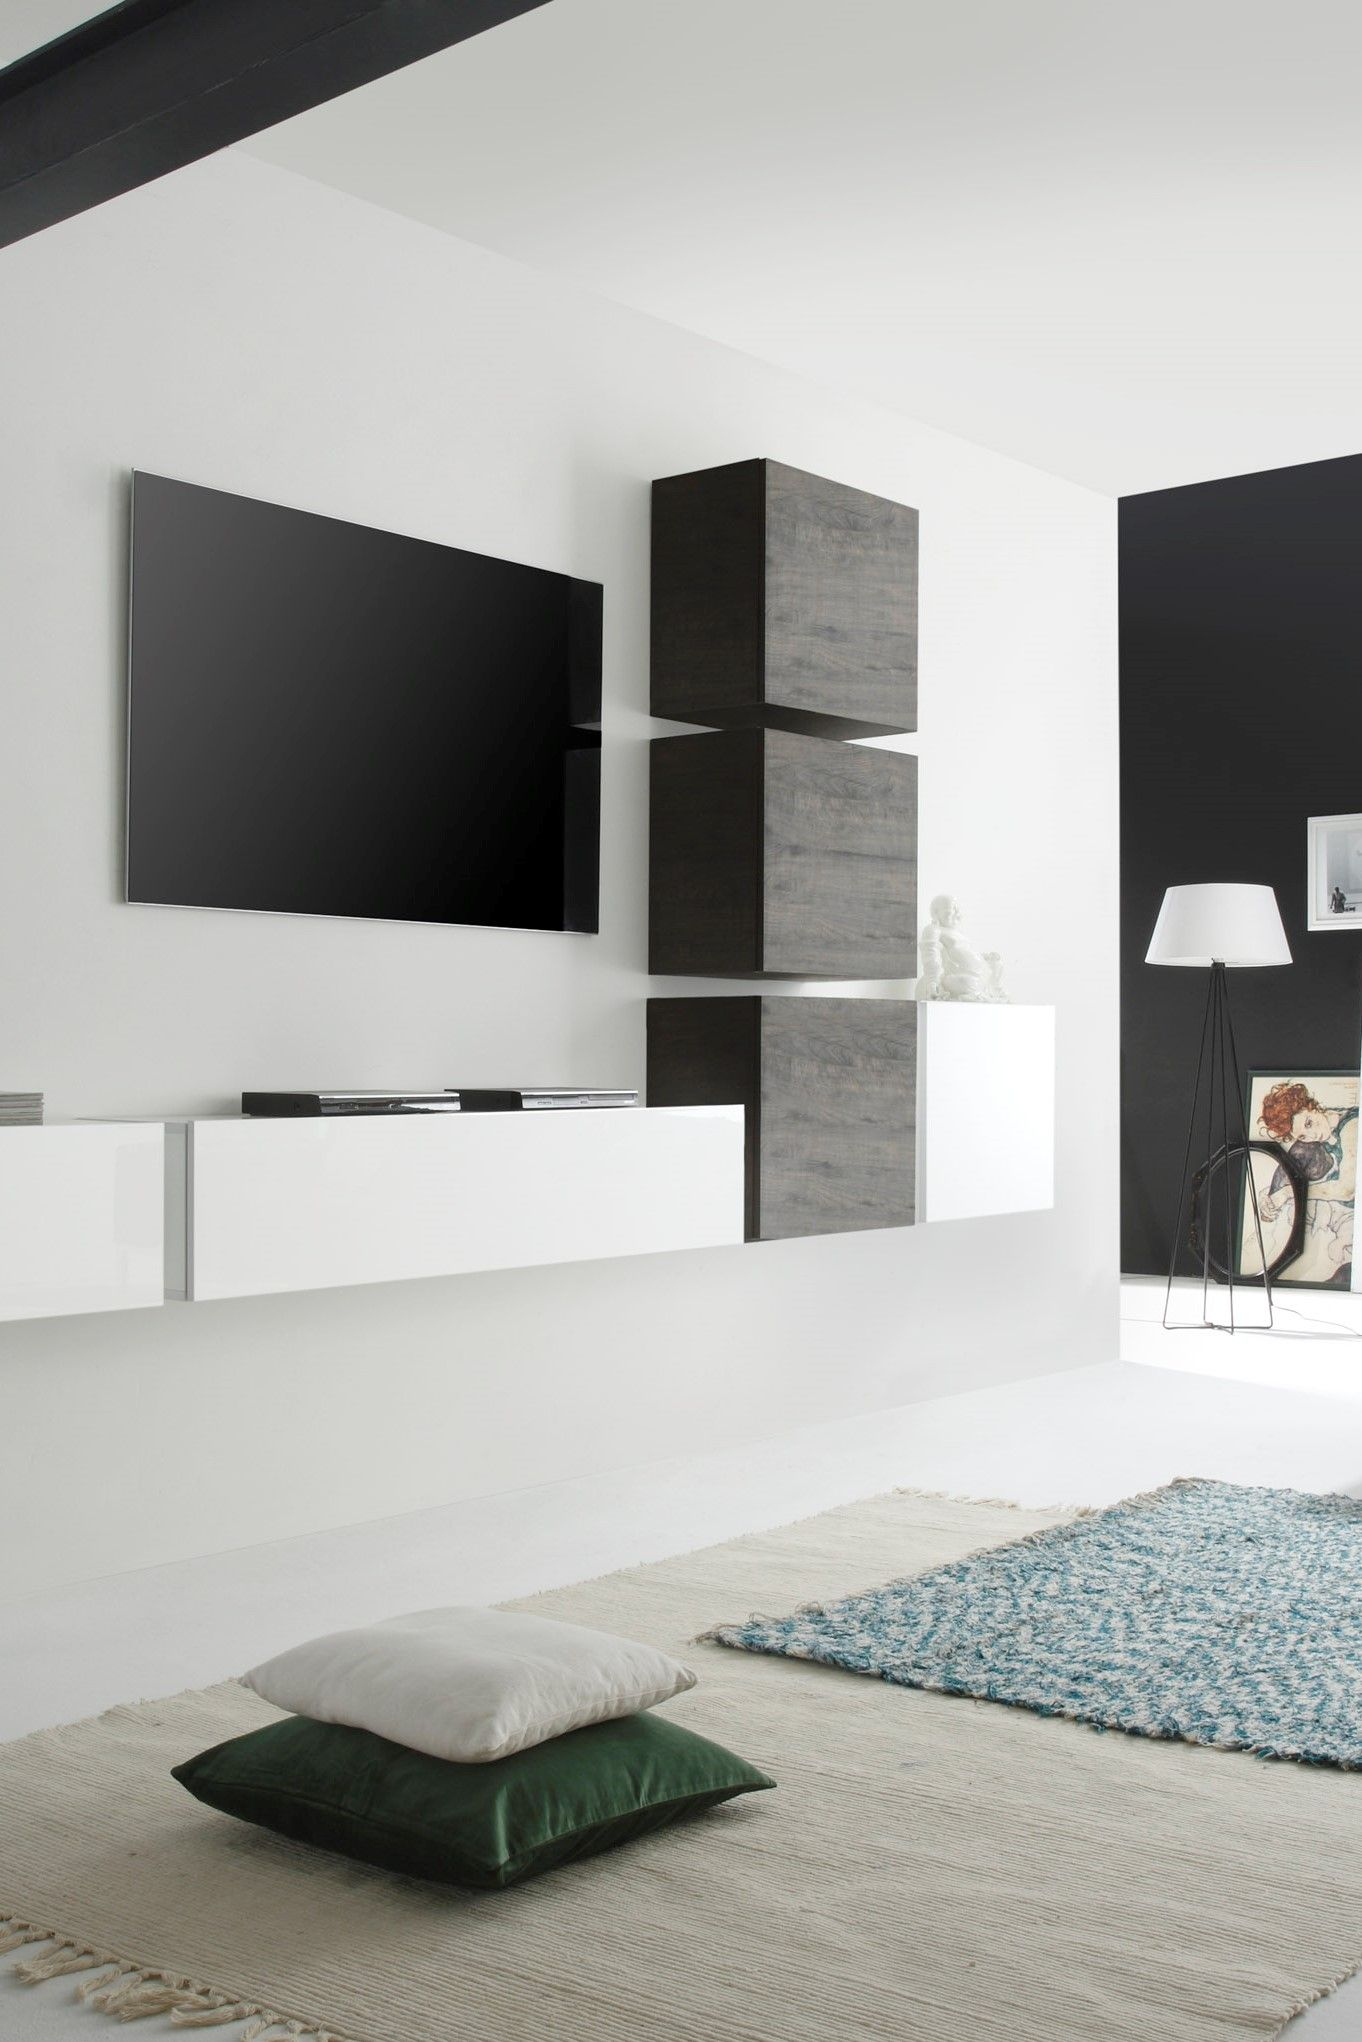 Wohnwand Como Vii Wohnaura Mobel Design Einrichten Idee